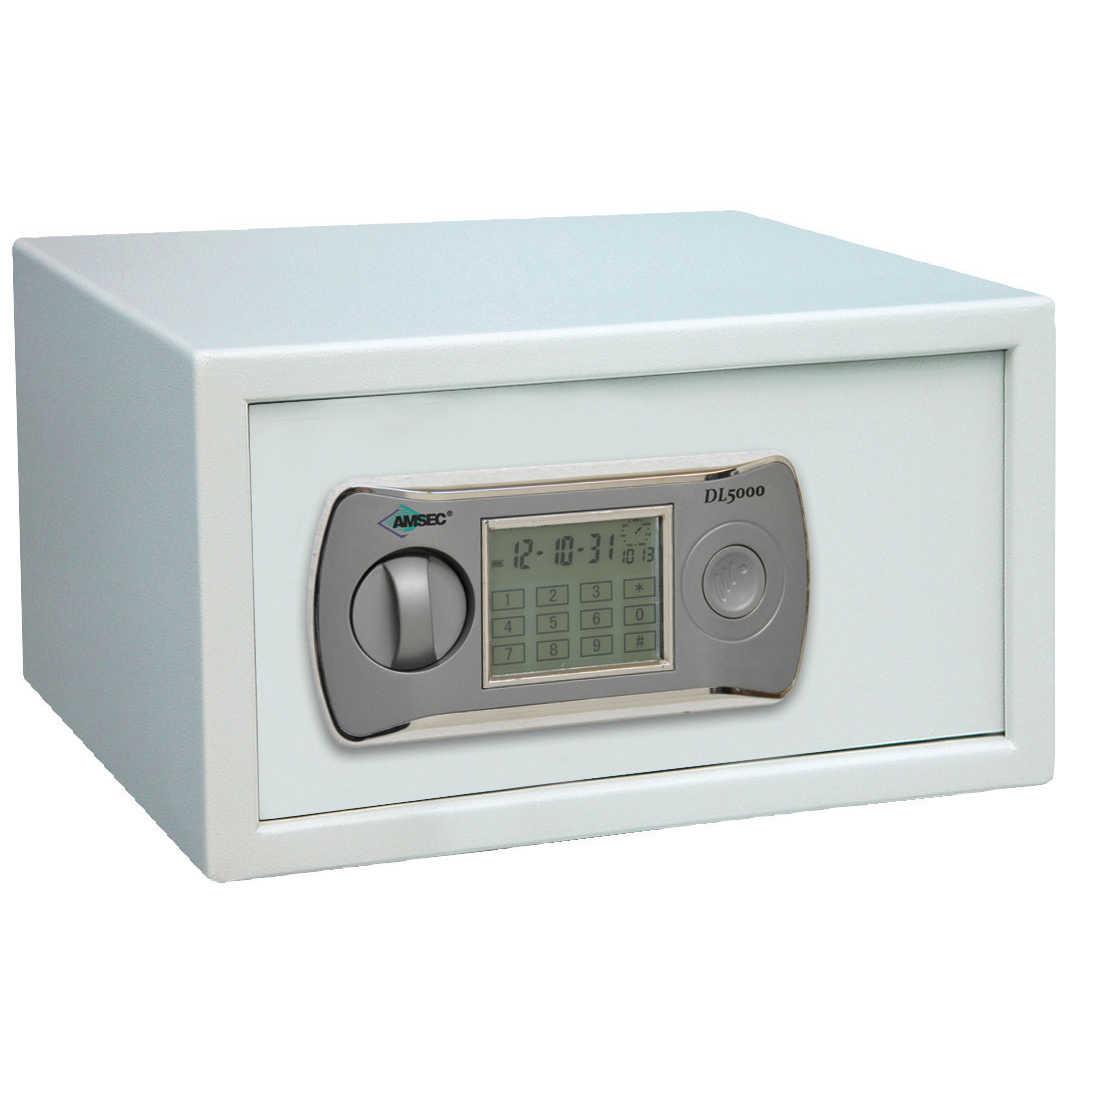 Amsec EST916 Electronic Safe